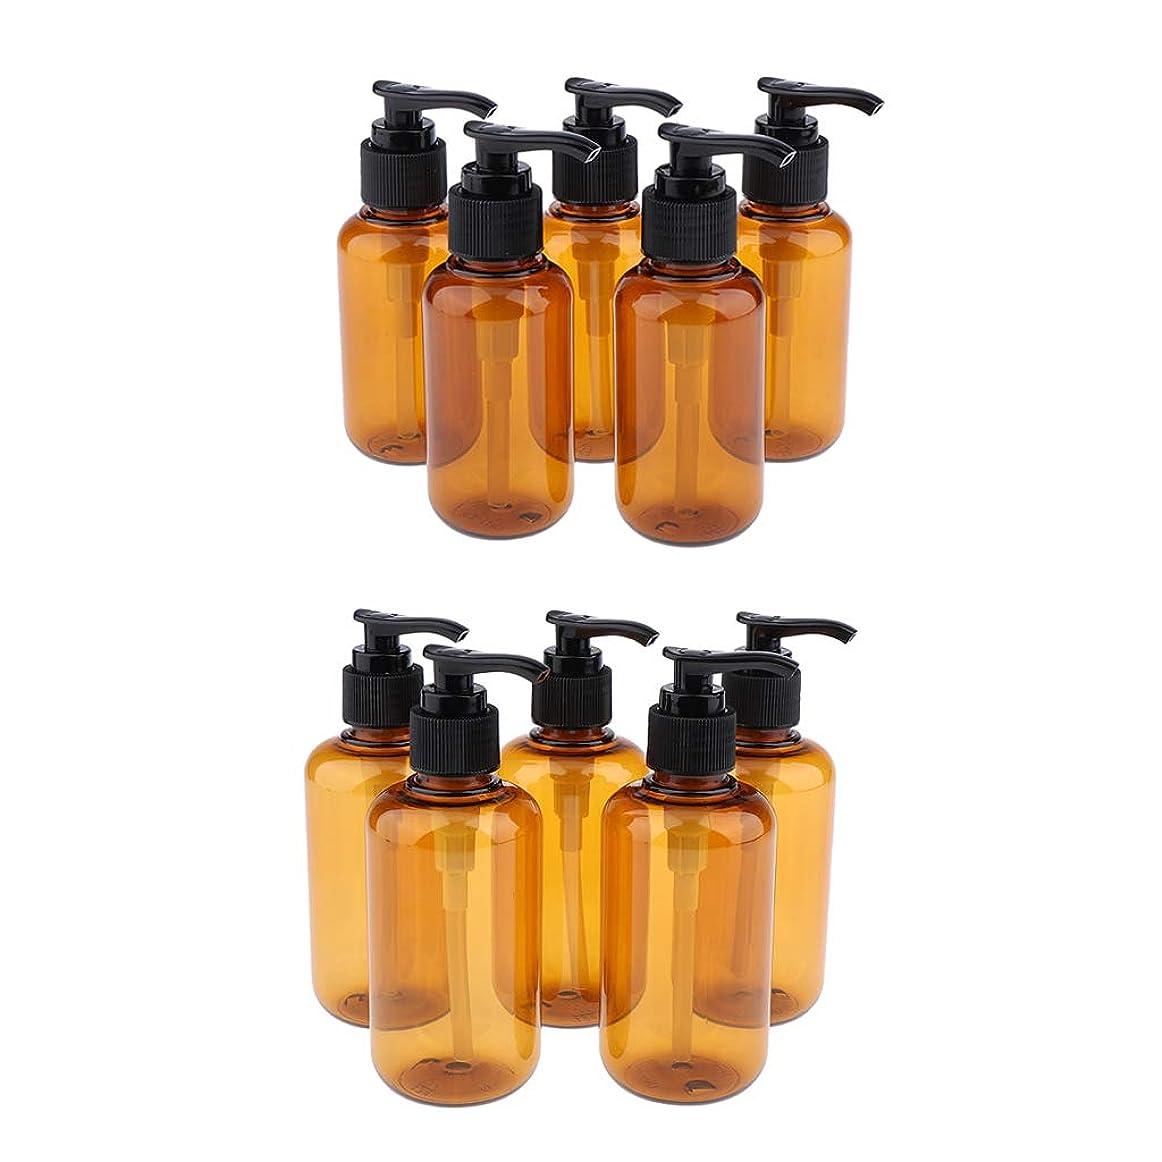 弱める発揮する自動的にP Prettyia 10個 空のポンプボトル シャンプーボトル ローションコンテナ 詰替え容器 空のボトル